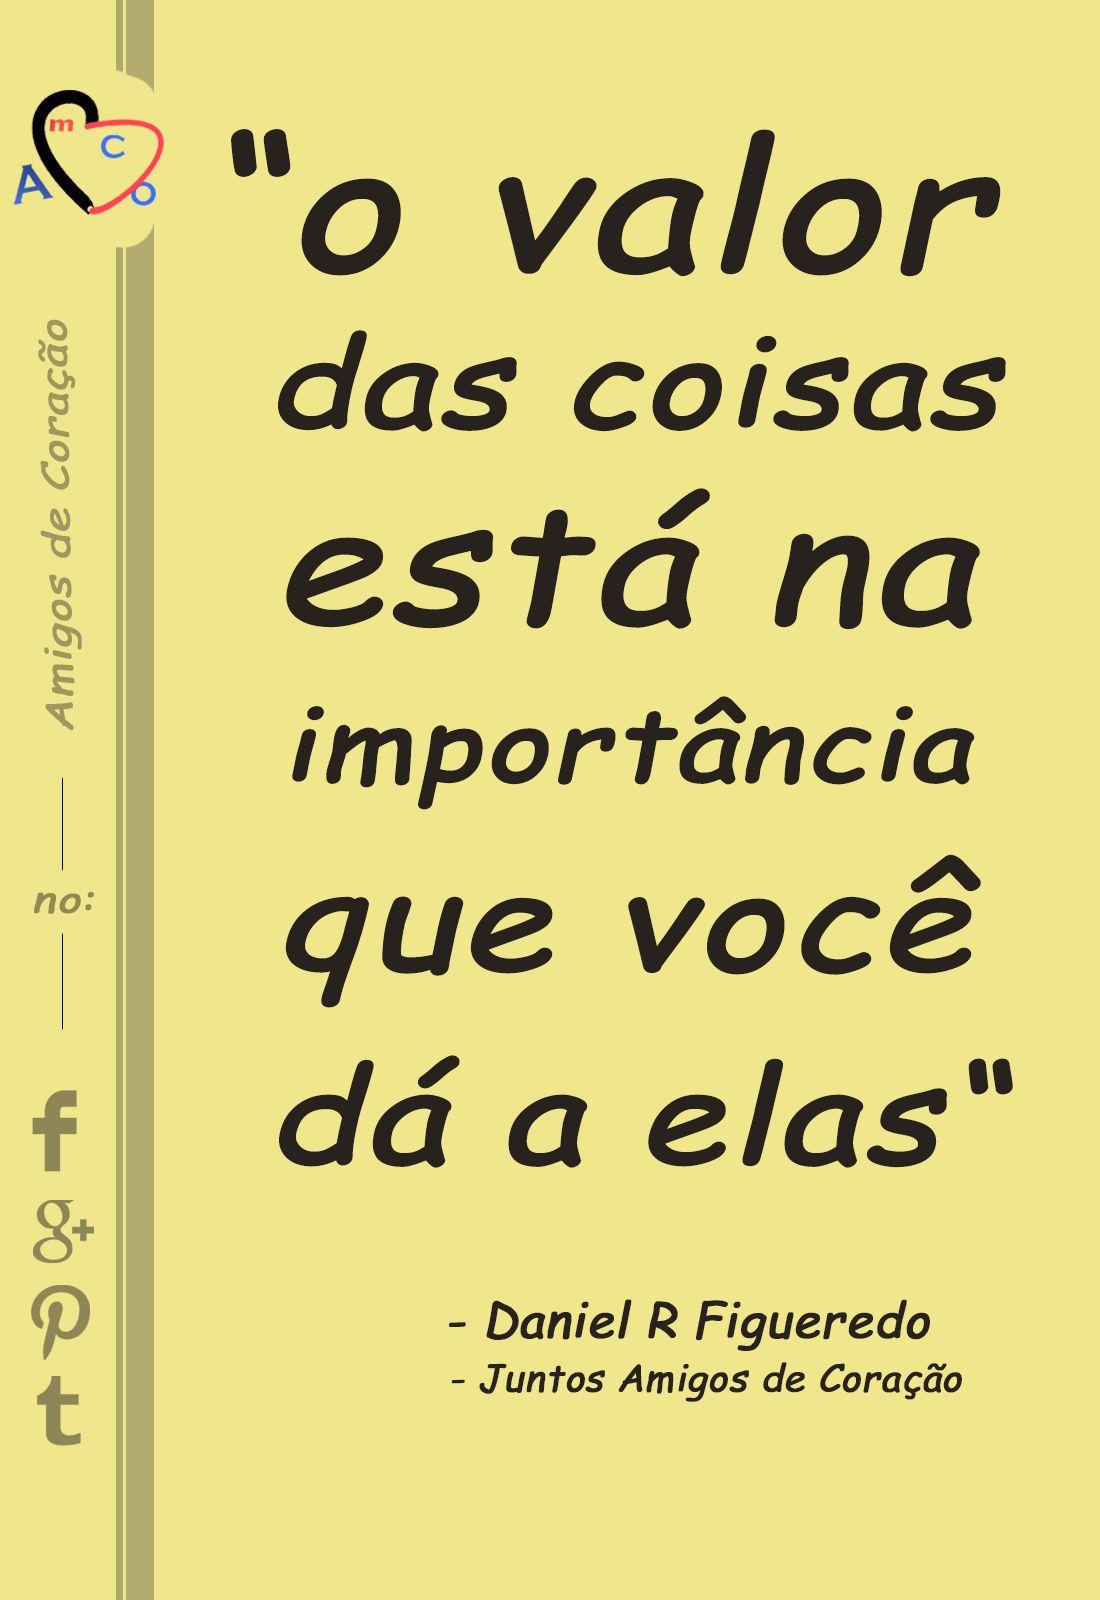 Frase AmCo 8142  -  Juntos Amigos de Coração  -    #FrasesAmCo #JuntosAmigosdeCoracao #AmigosdeCoracao  @DanielRFigueredo